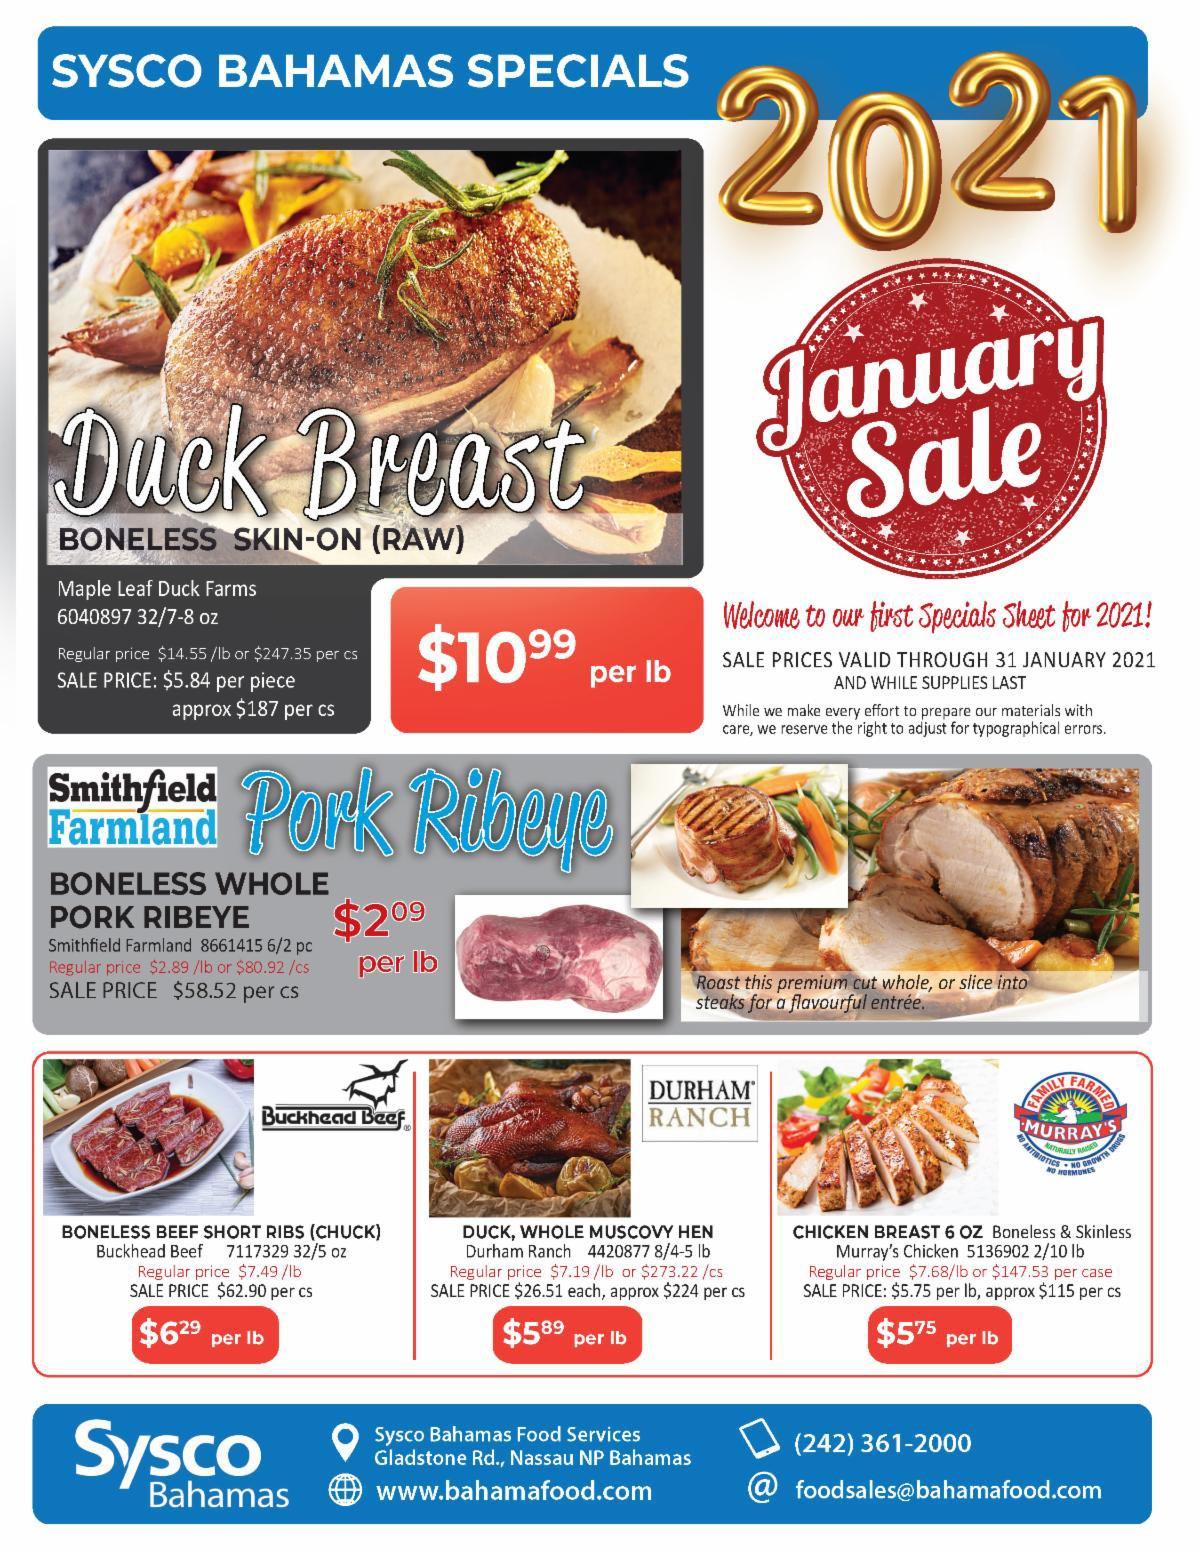 January Specials at Sysco Bahamas